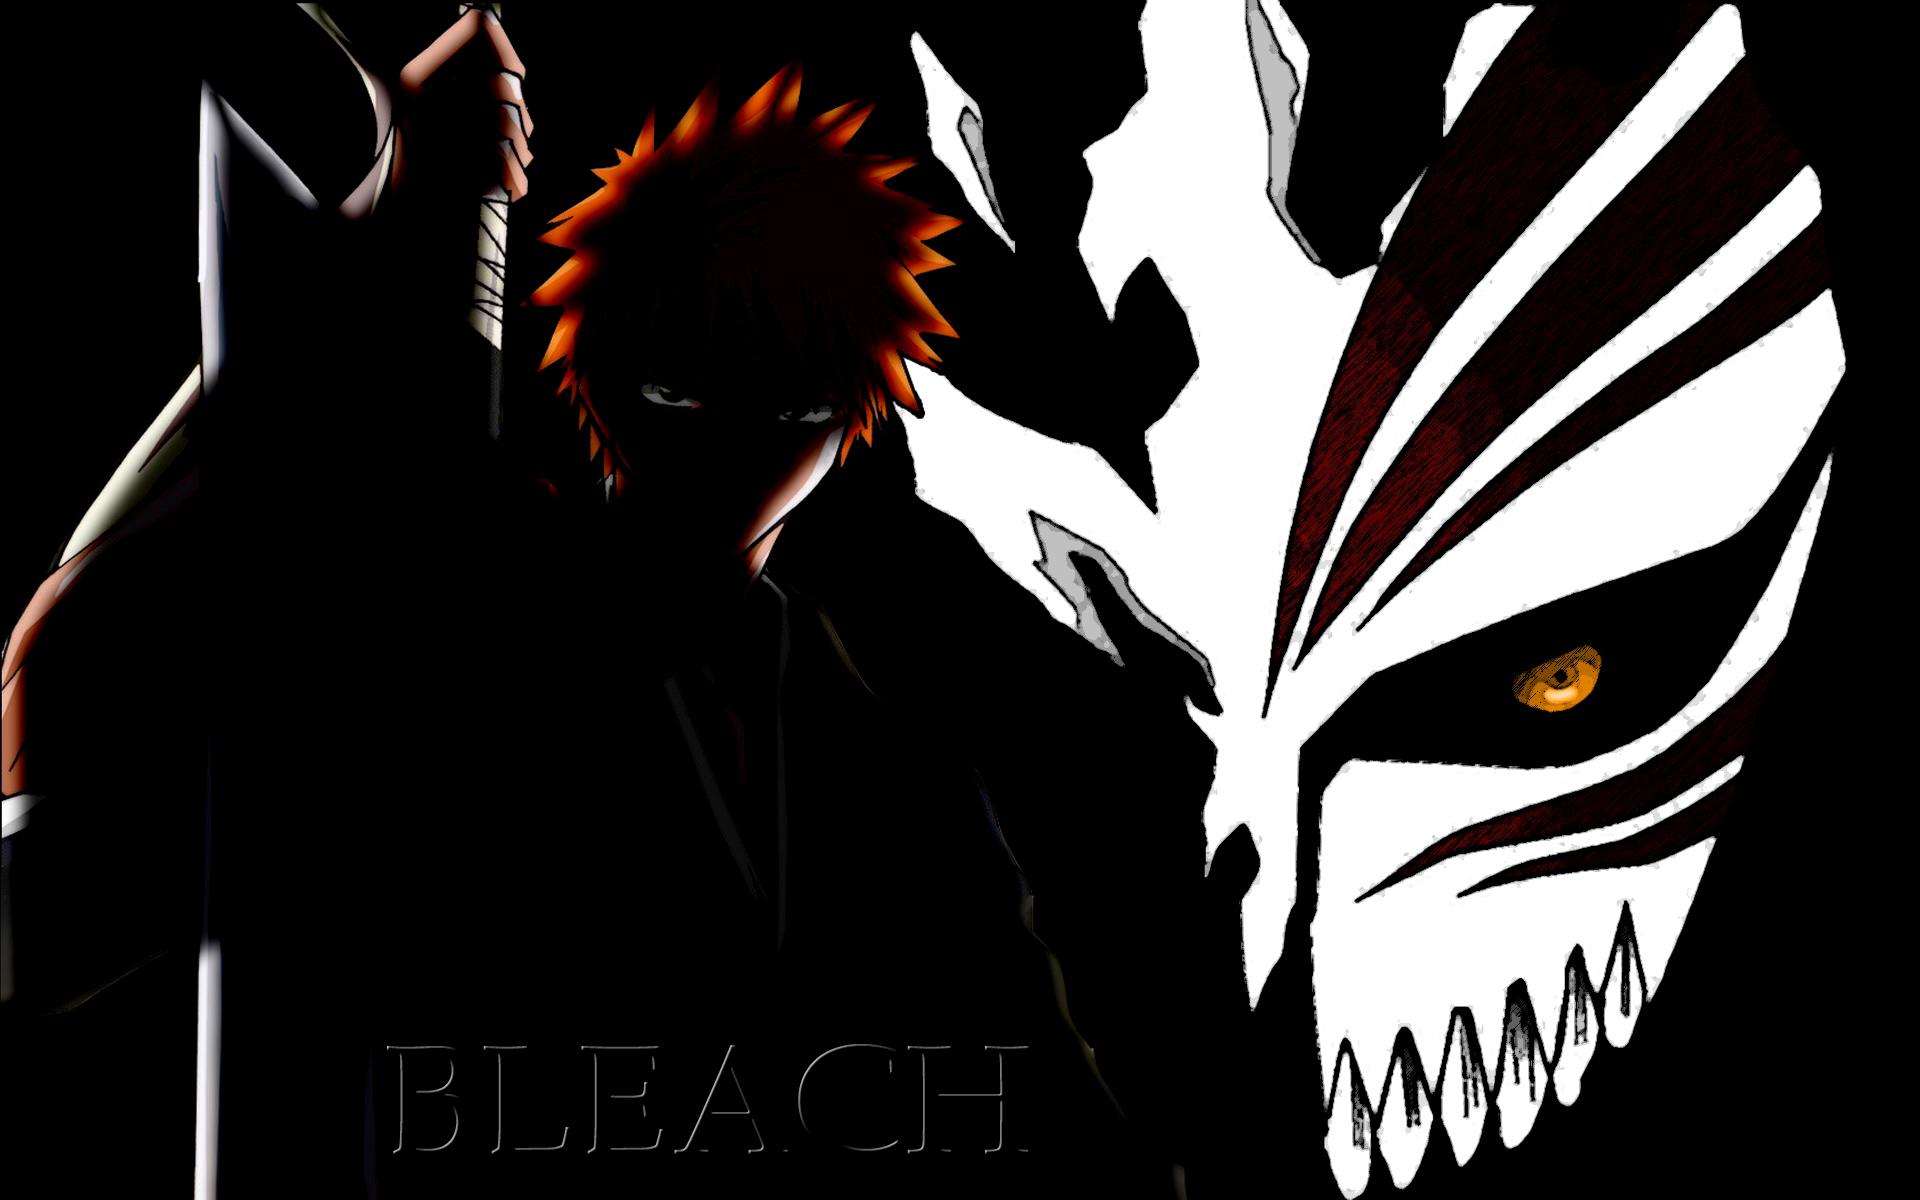 Bleach-Hd-Widescreen-Cool-Anime-wallpaper-wpc9002988